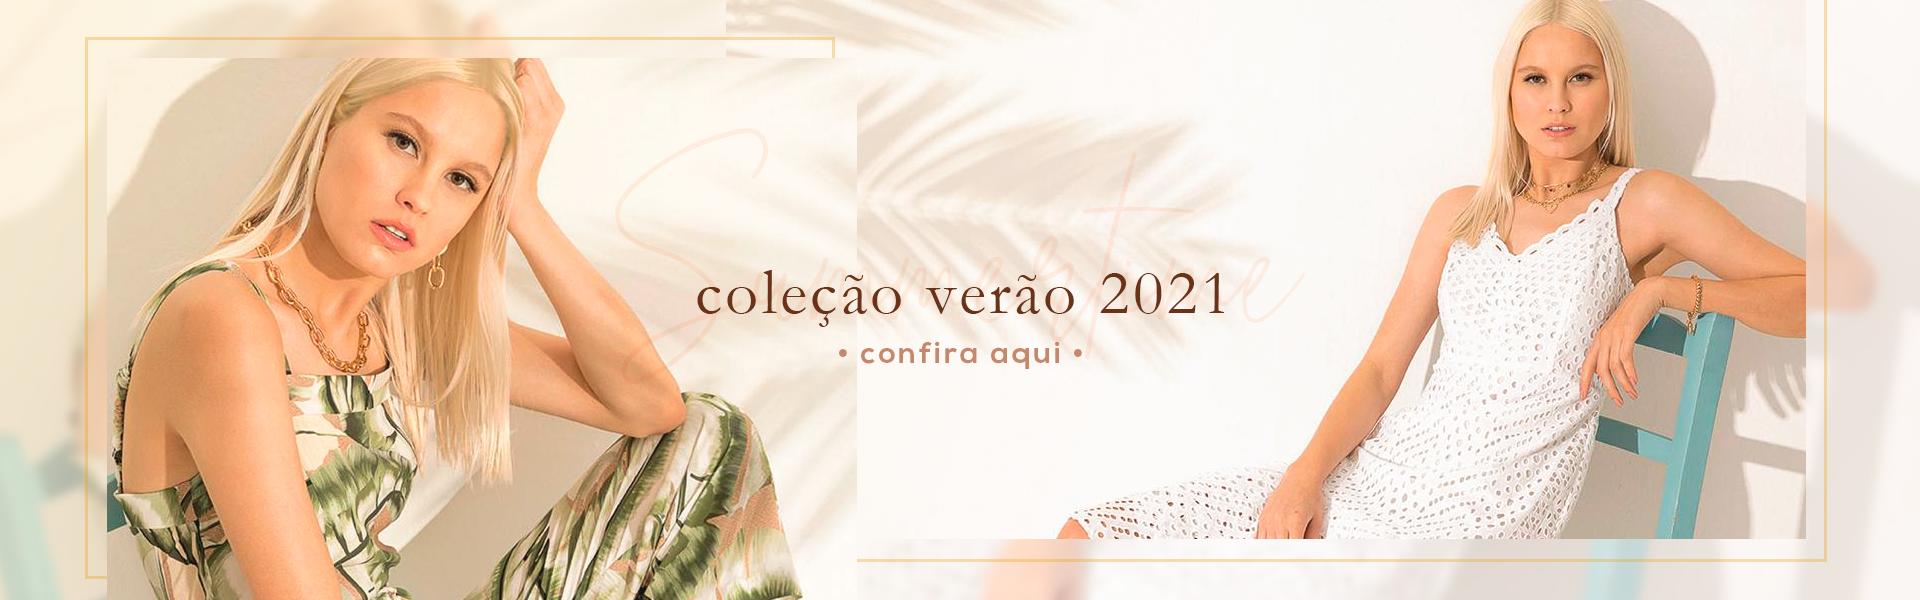 Coleção Verão 2021